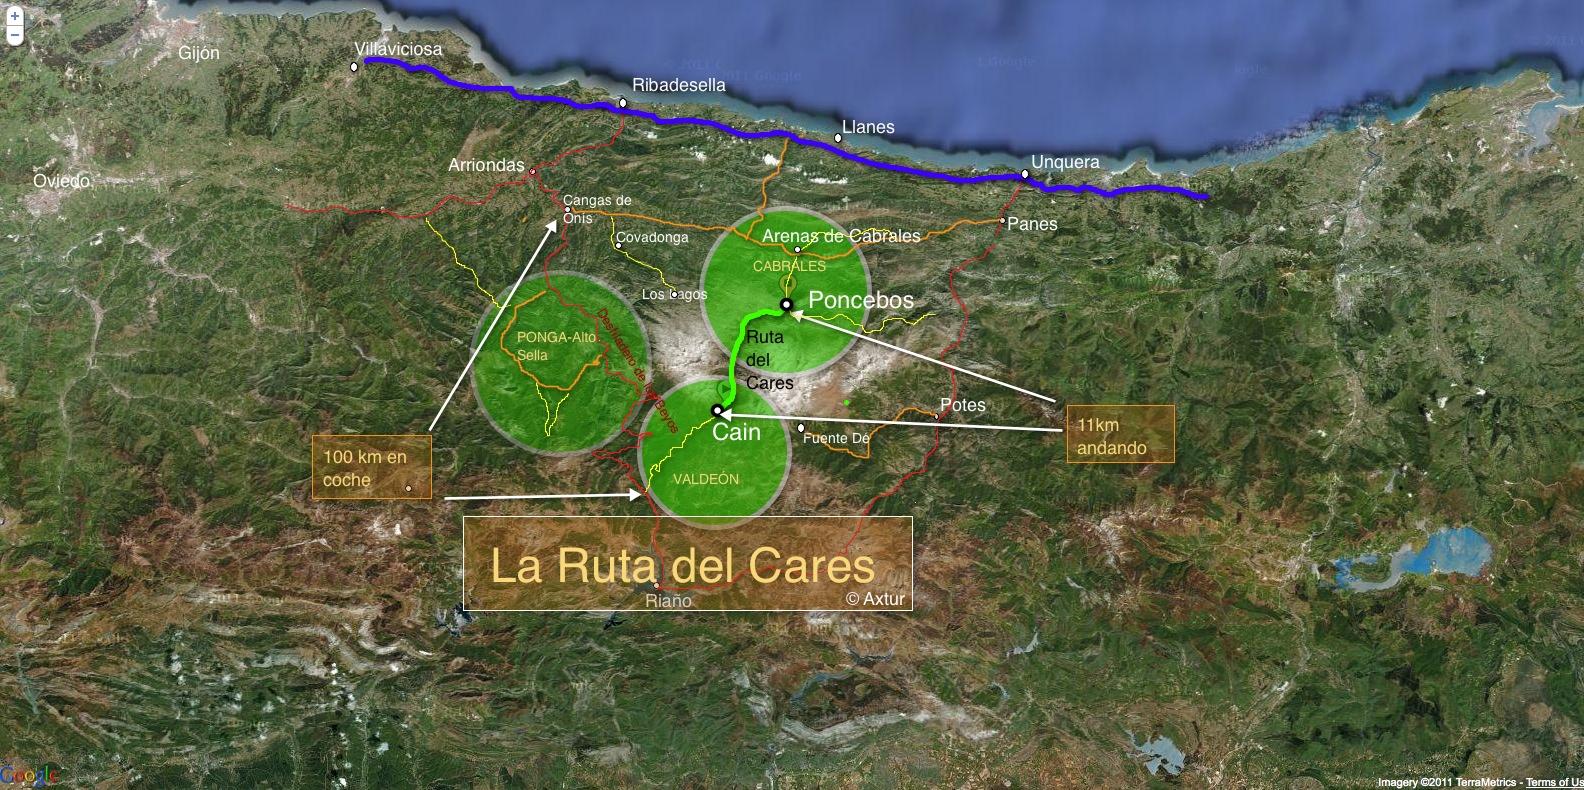 Mapa de la Ruta del Cares. Situación en los Picos de Europa